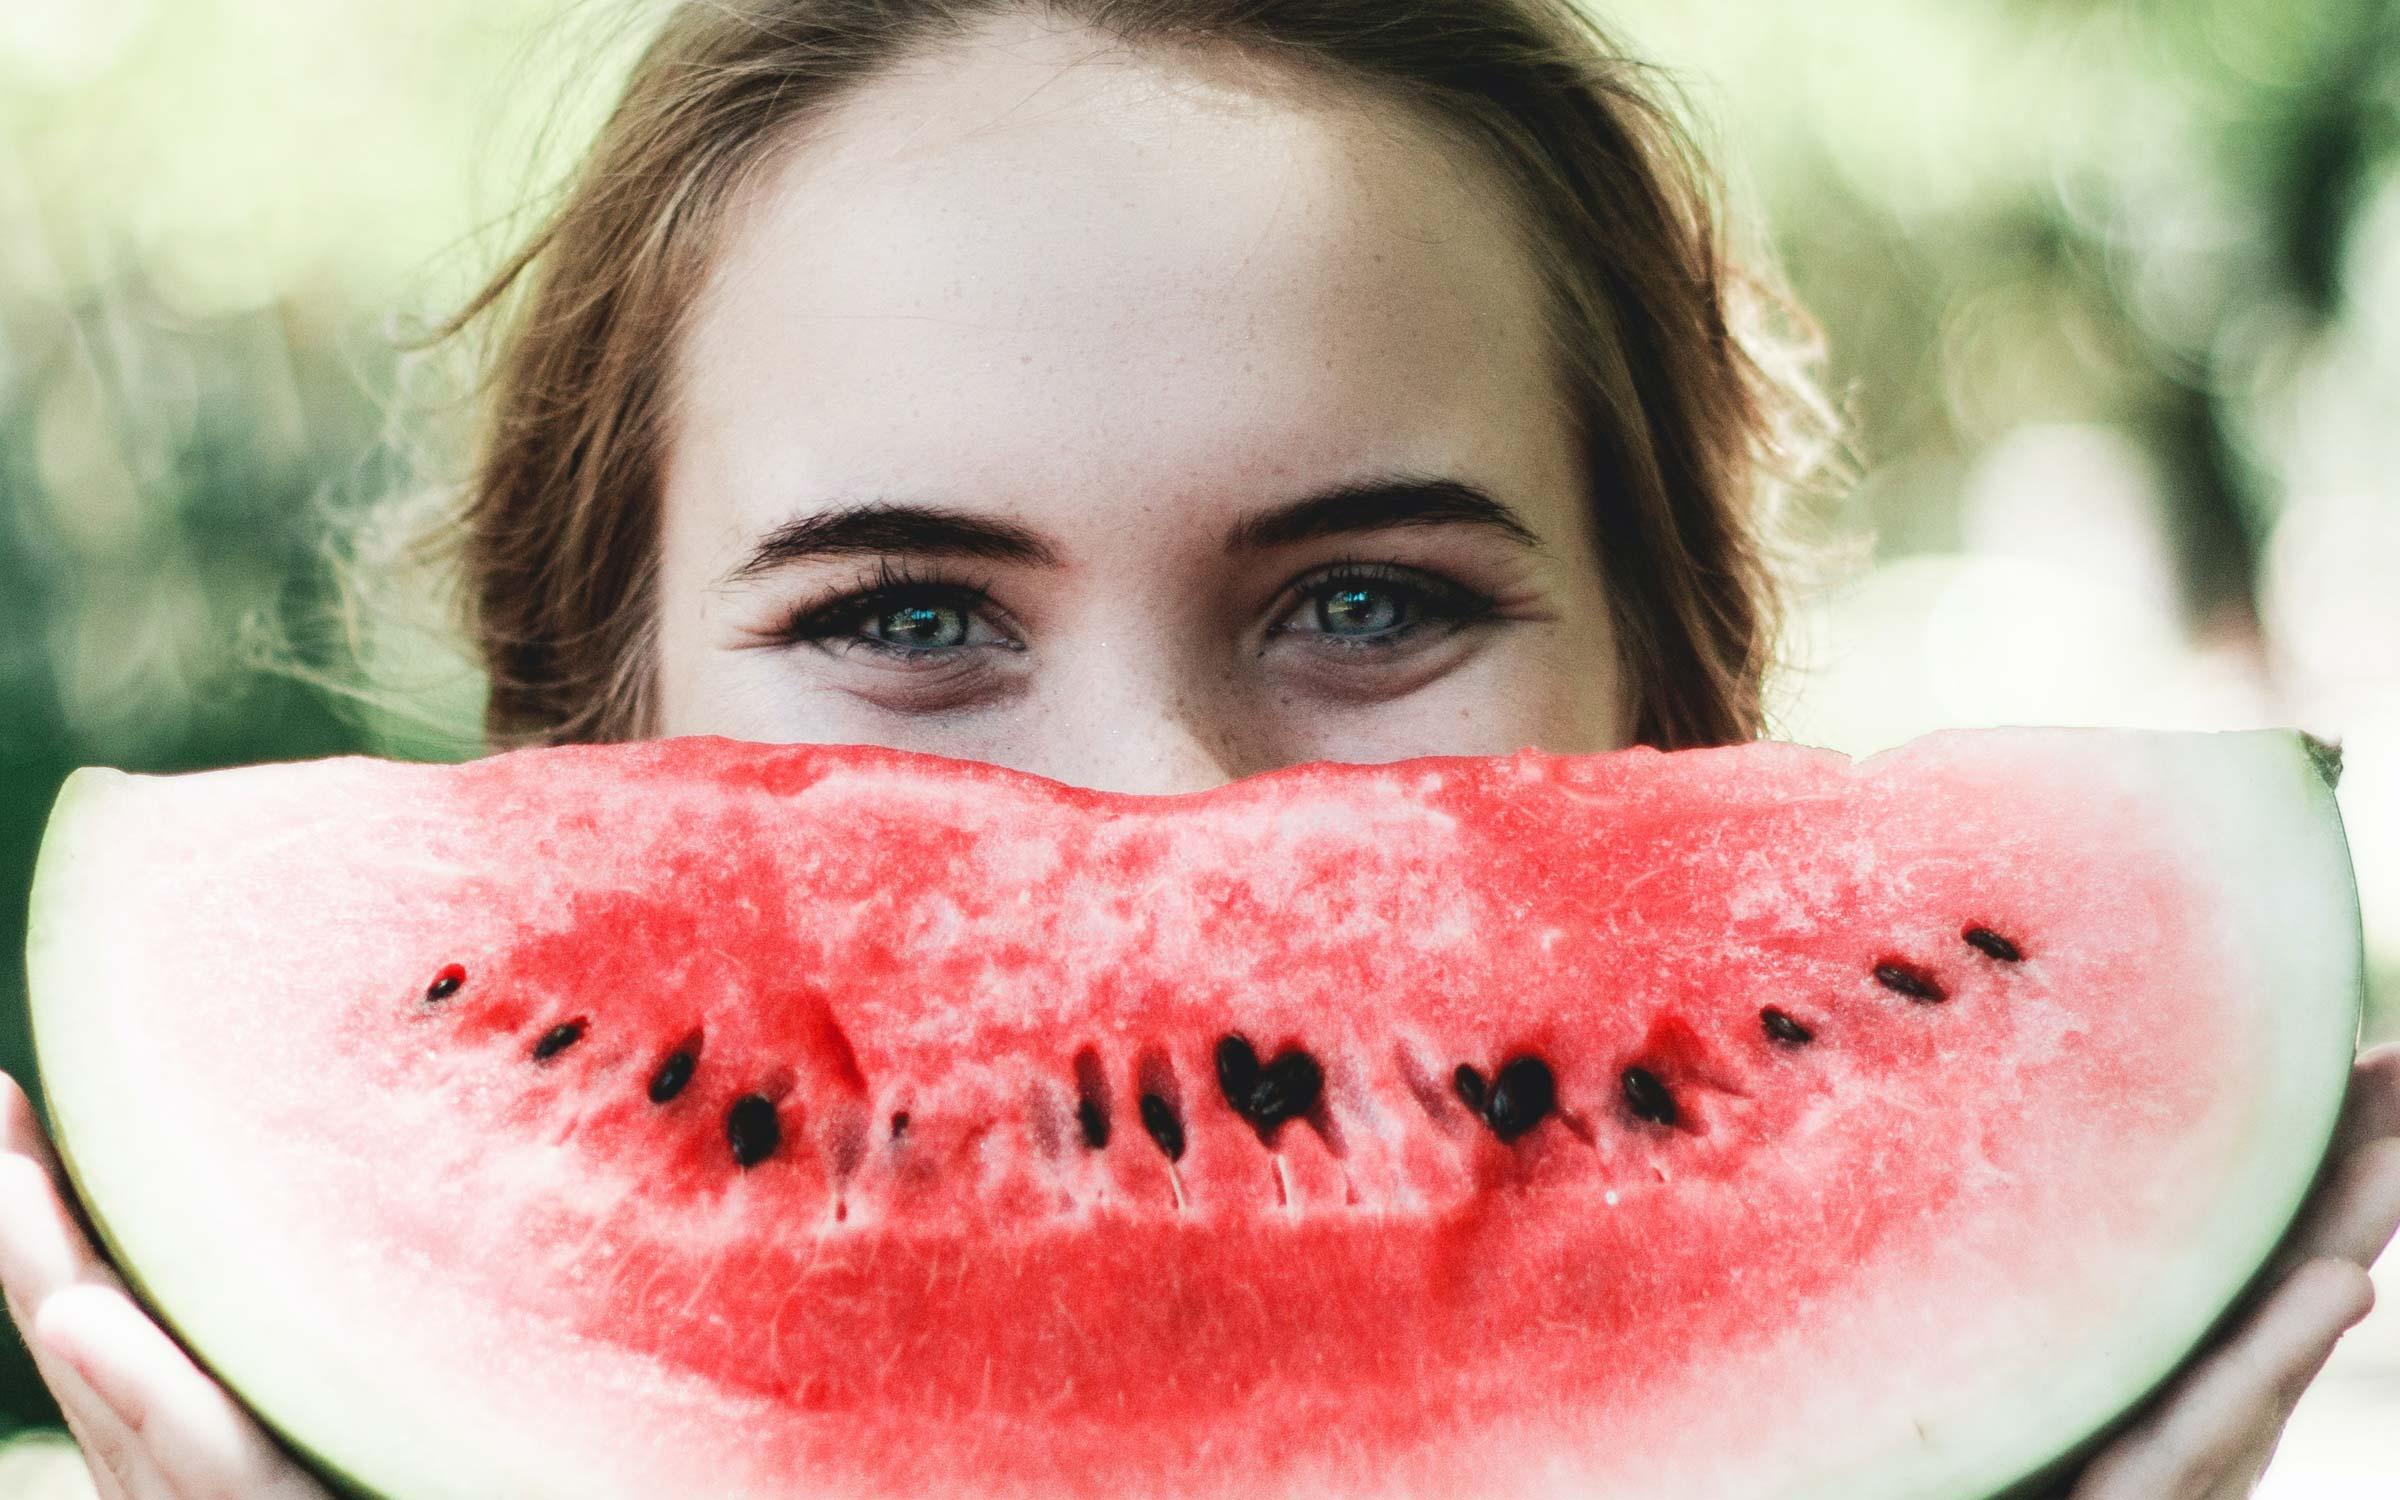 Wie optimale Zahnpflege funktioniert erklärt Dr. med. dent. Nicole Wagner